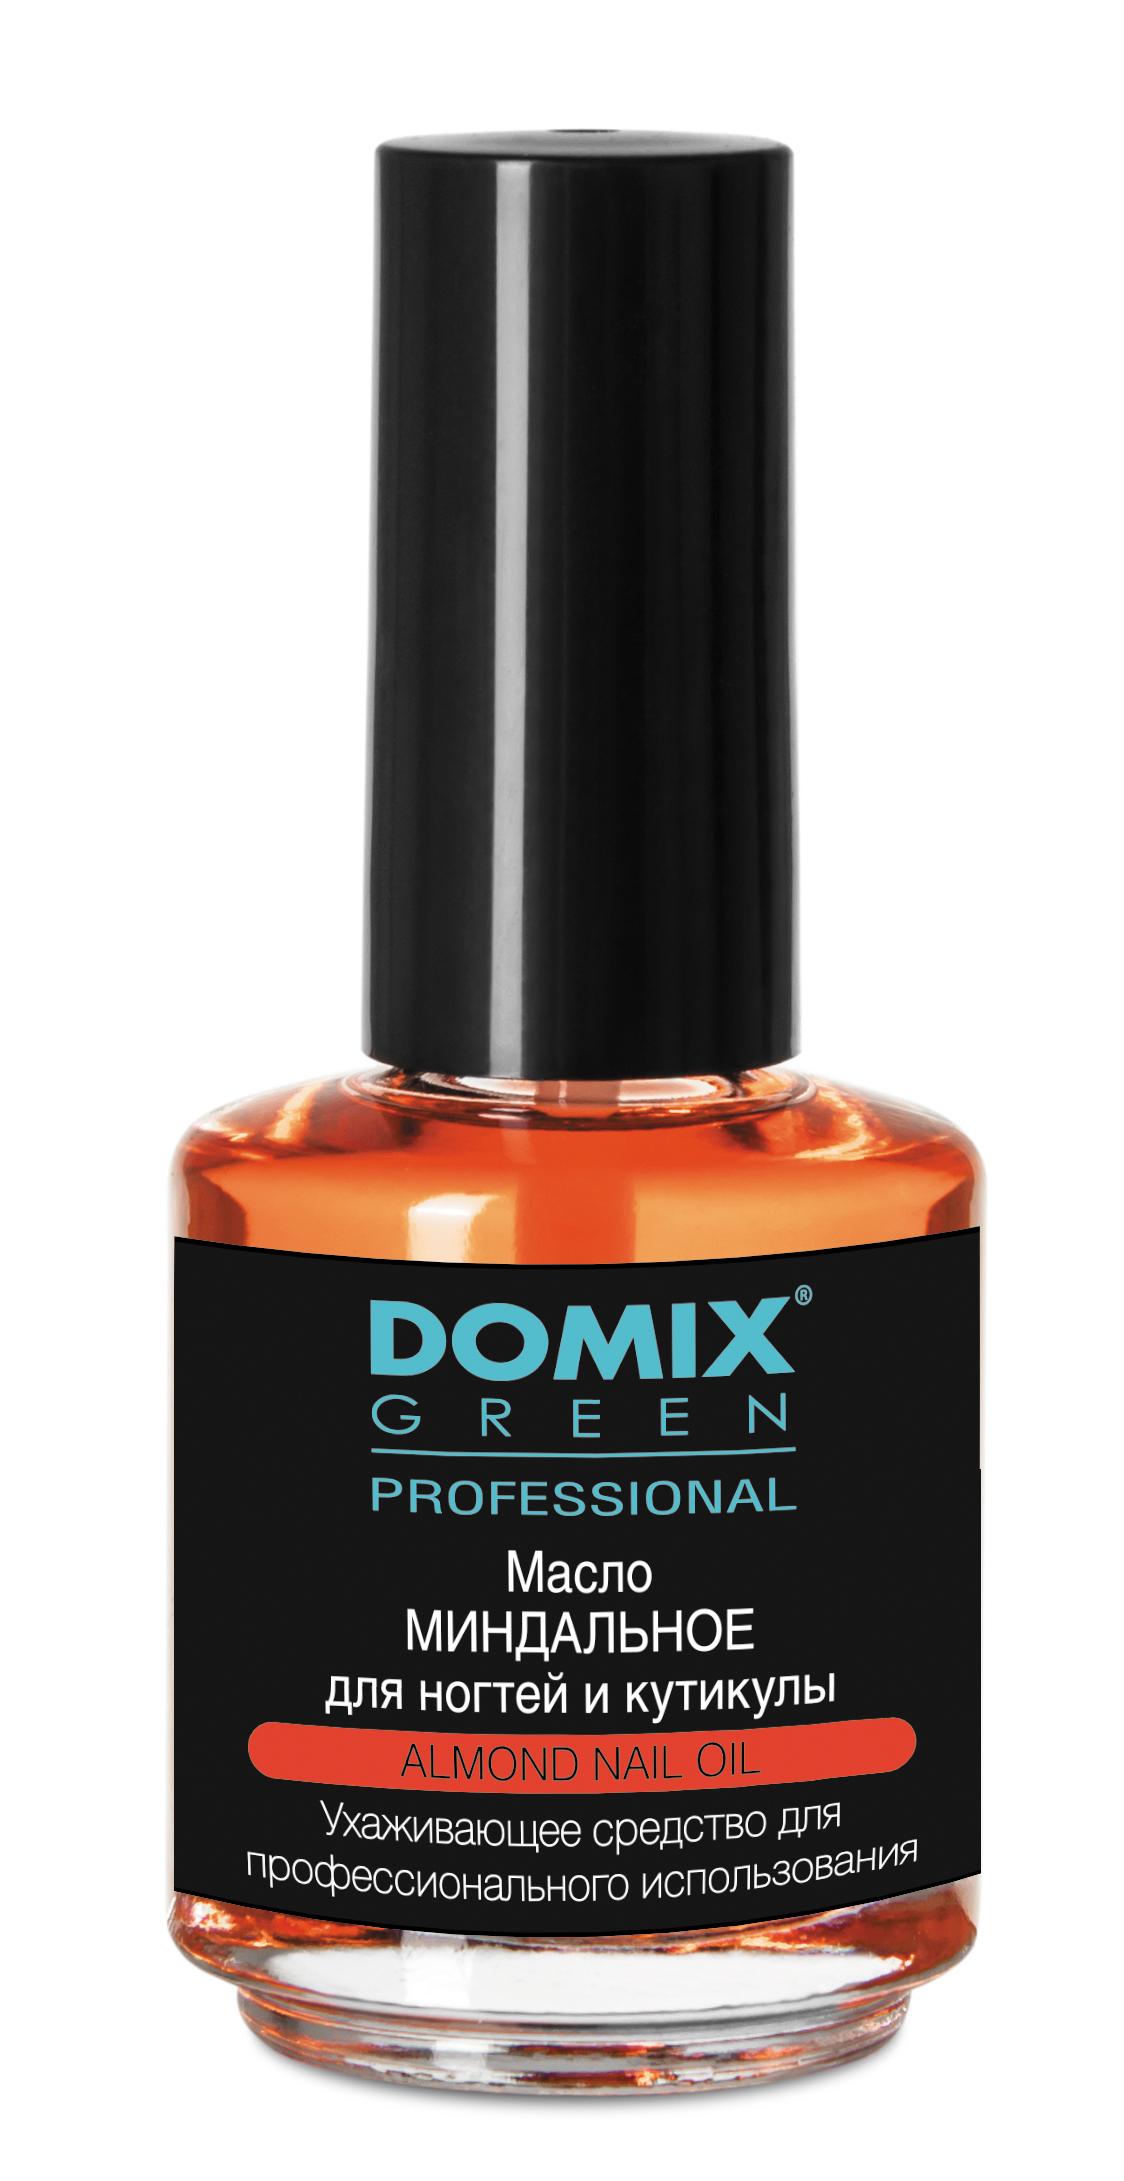 DOMIX GREEN PROFESSIONAL Масло миндальное для ногтей и кутикулы / DGP 17 мл